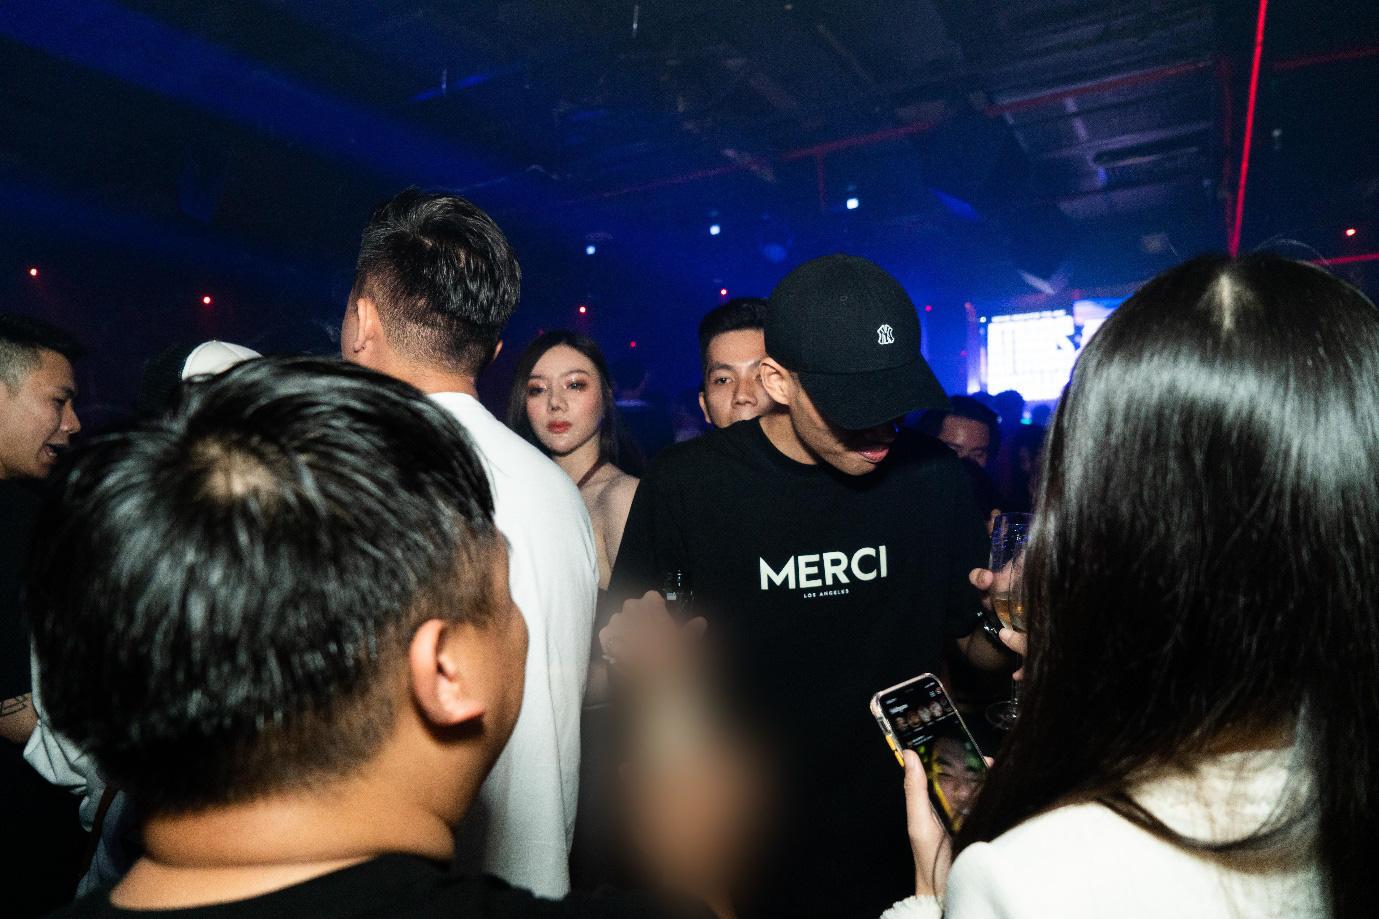 Party nửa tỷ của brand thời trang mới tại Việt Nam - Ảnh 1.